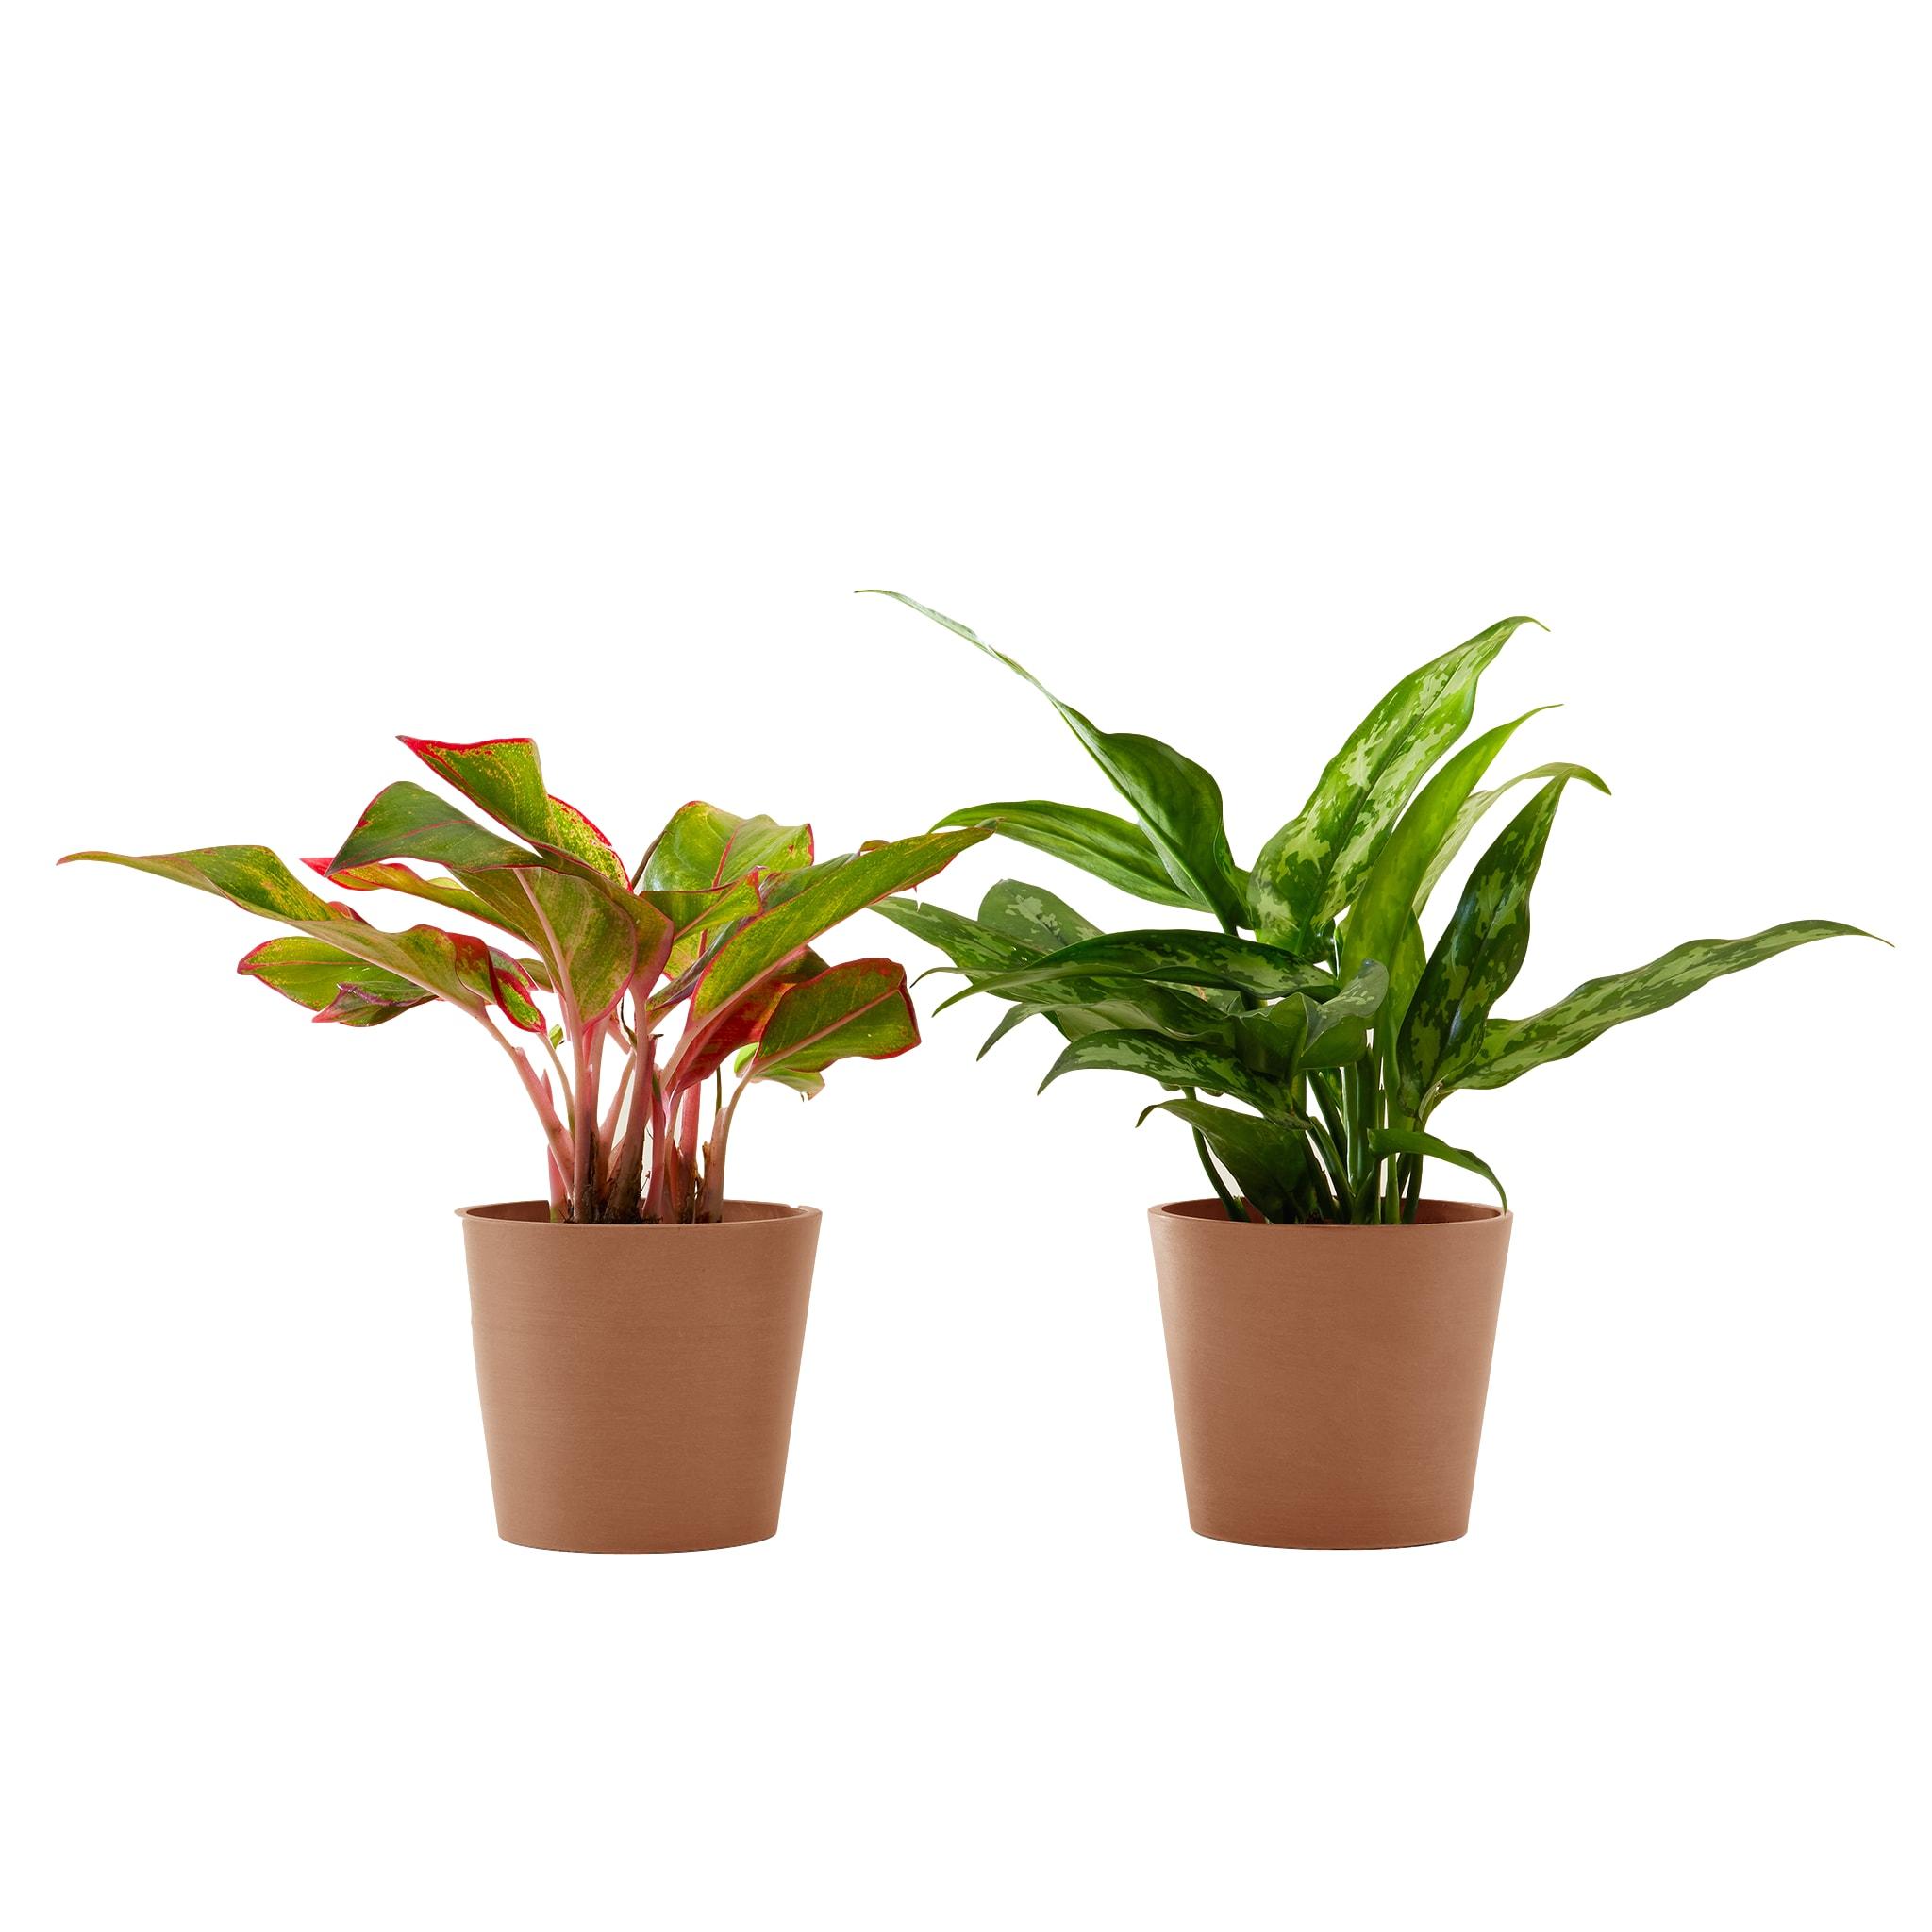 Plante d'intérieur - Duo d'aglaonema 25 cm en pot terra